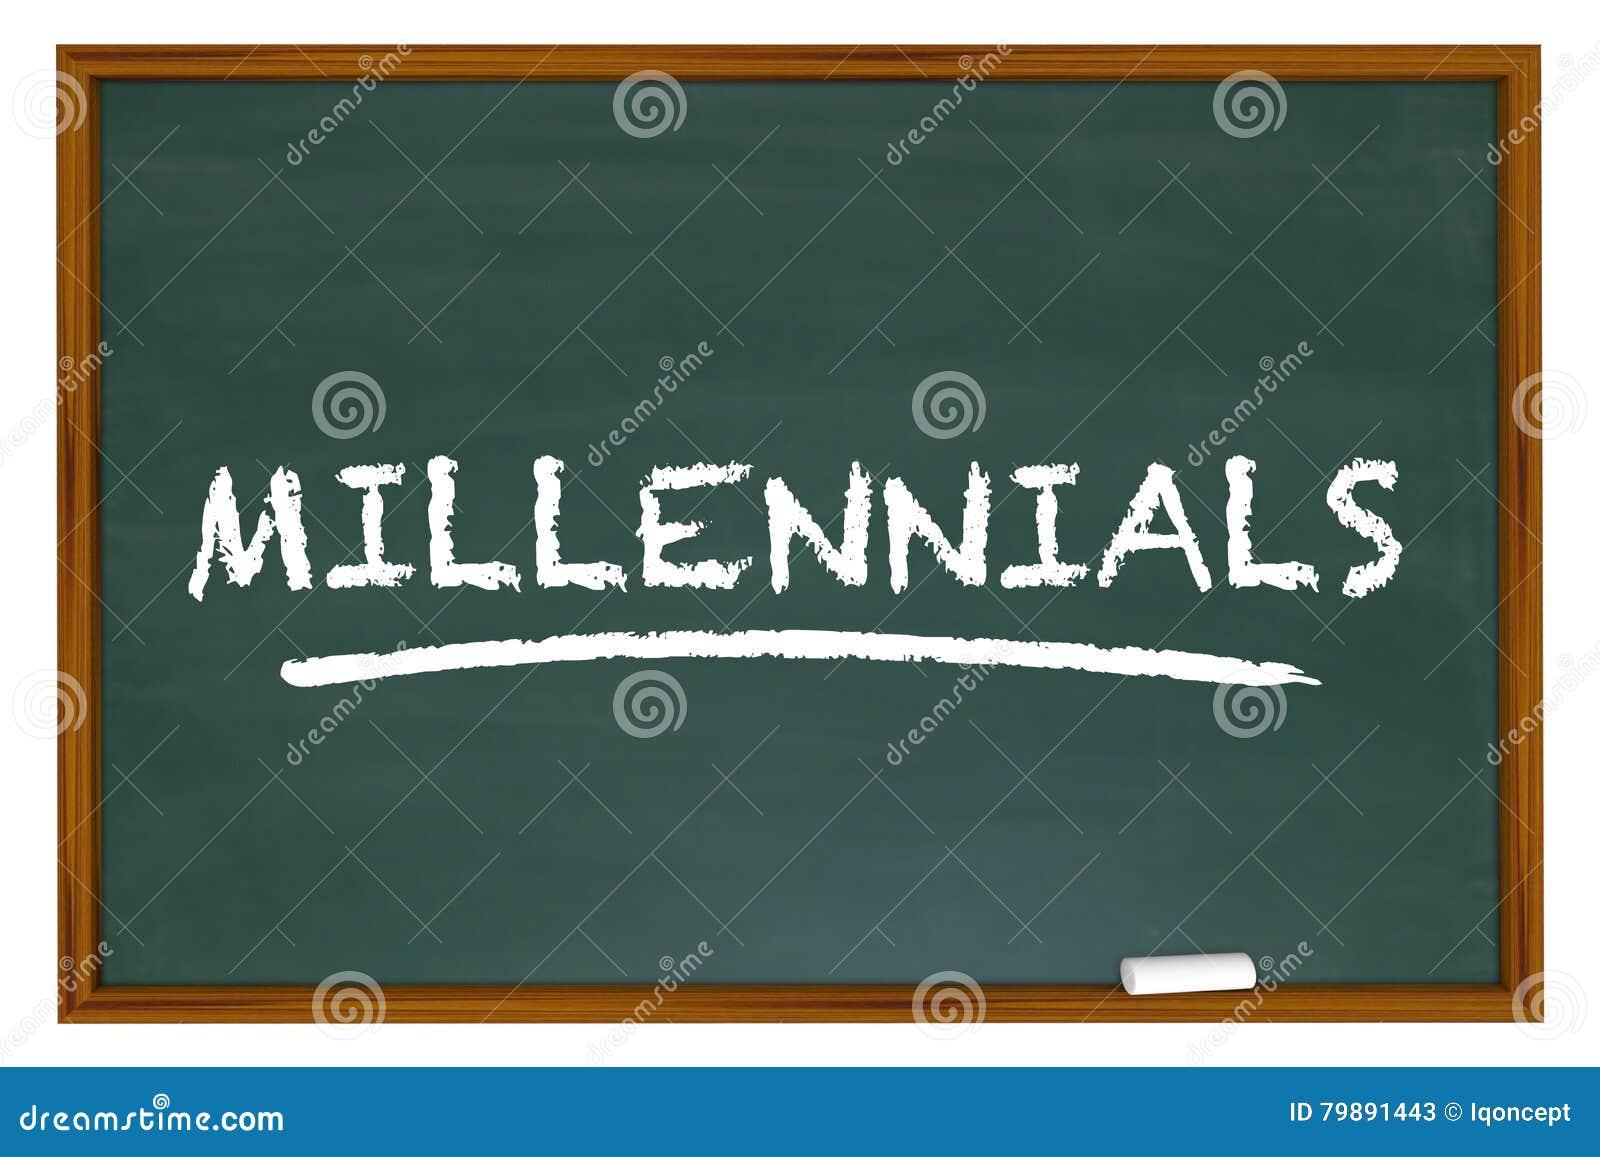 Millennials utveckling Y Demo Group Chalk Board Word